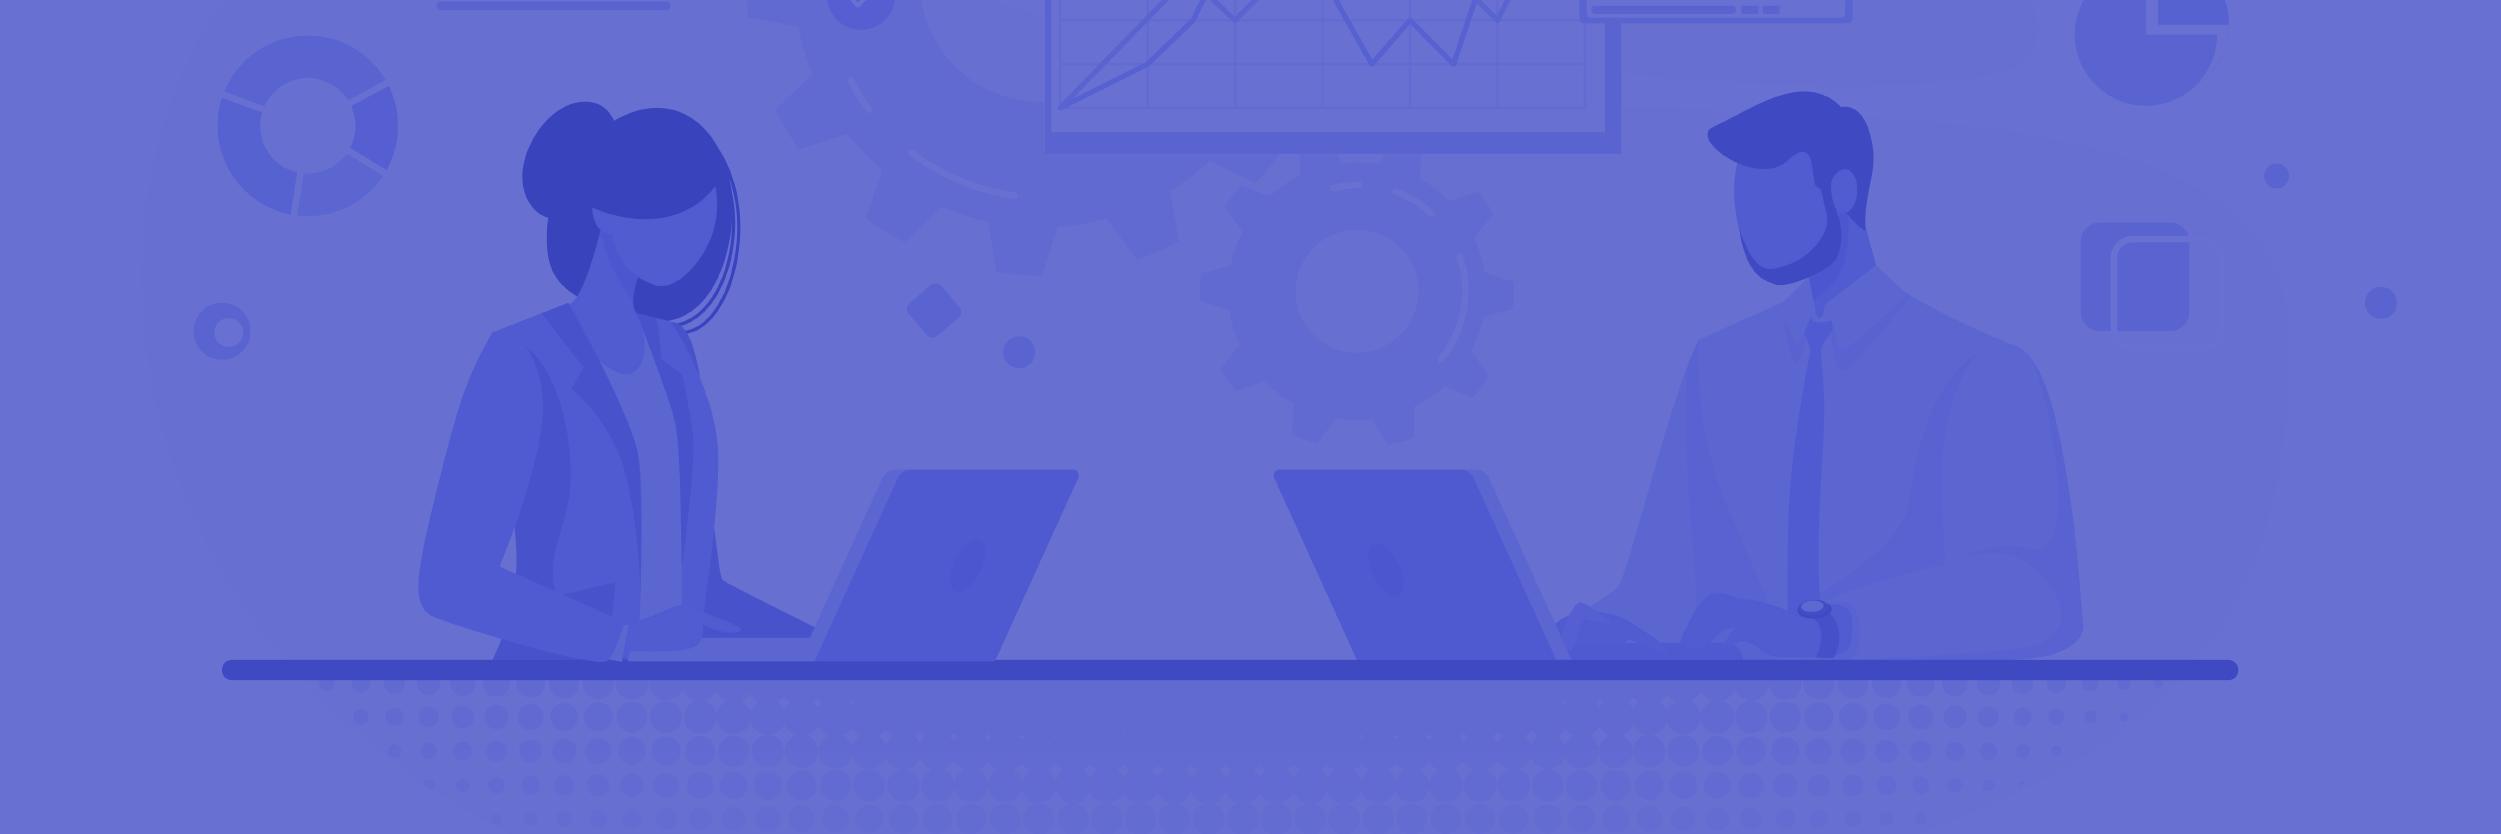 Price monitoring tools: BI or Data Viz?